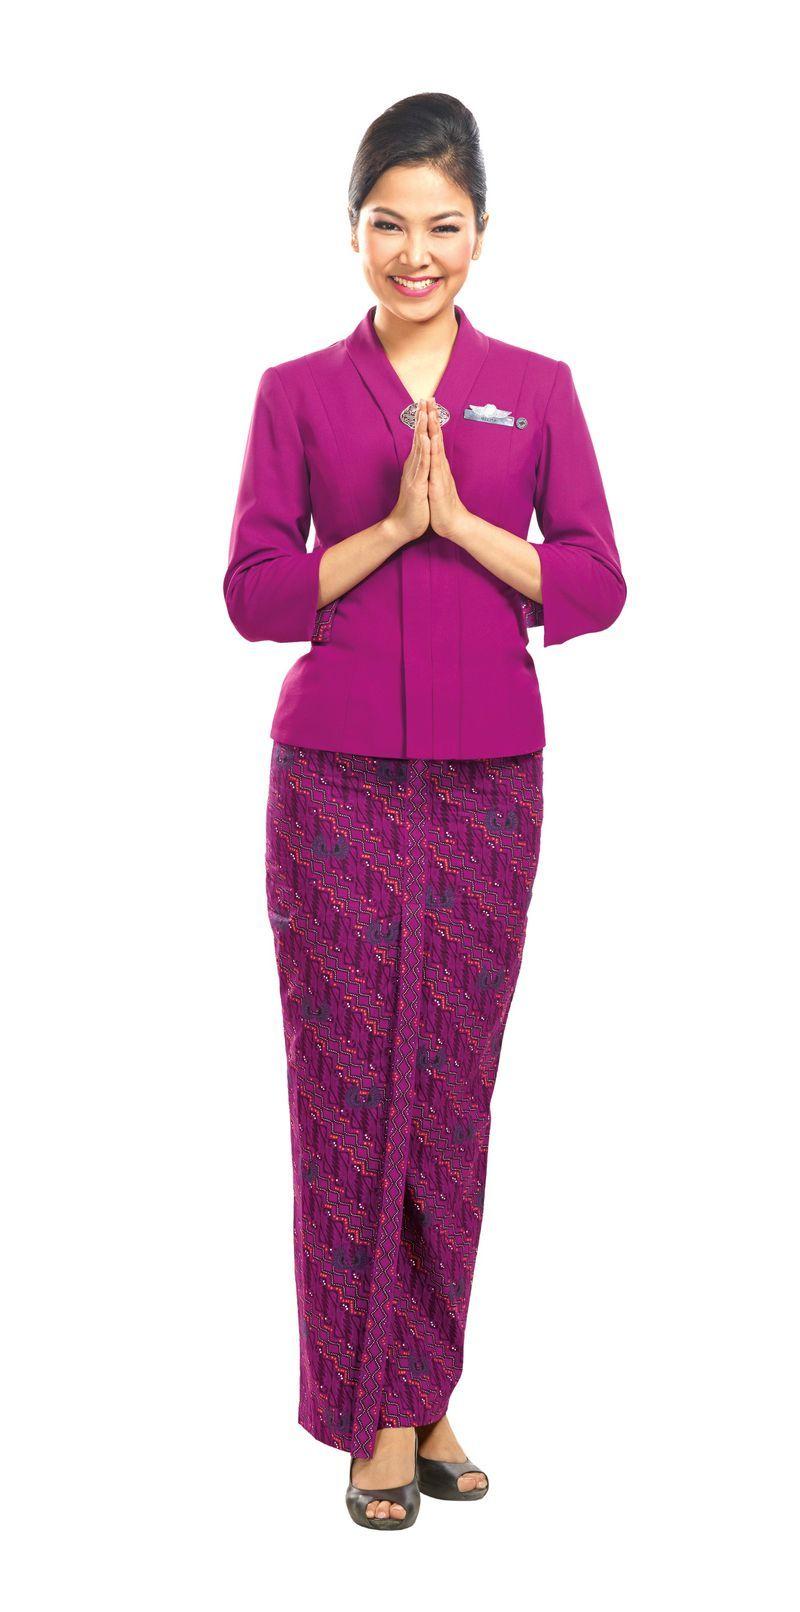 Model Baju Pramugari : model, pramugari, Seragam, Kerja, Pramugari, Garuda, Berdiri, SurewiWardrobe, Model, Pakaian, Wanita,, Pakaian,, Wanita